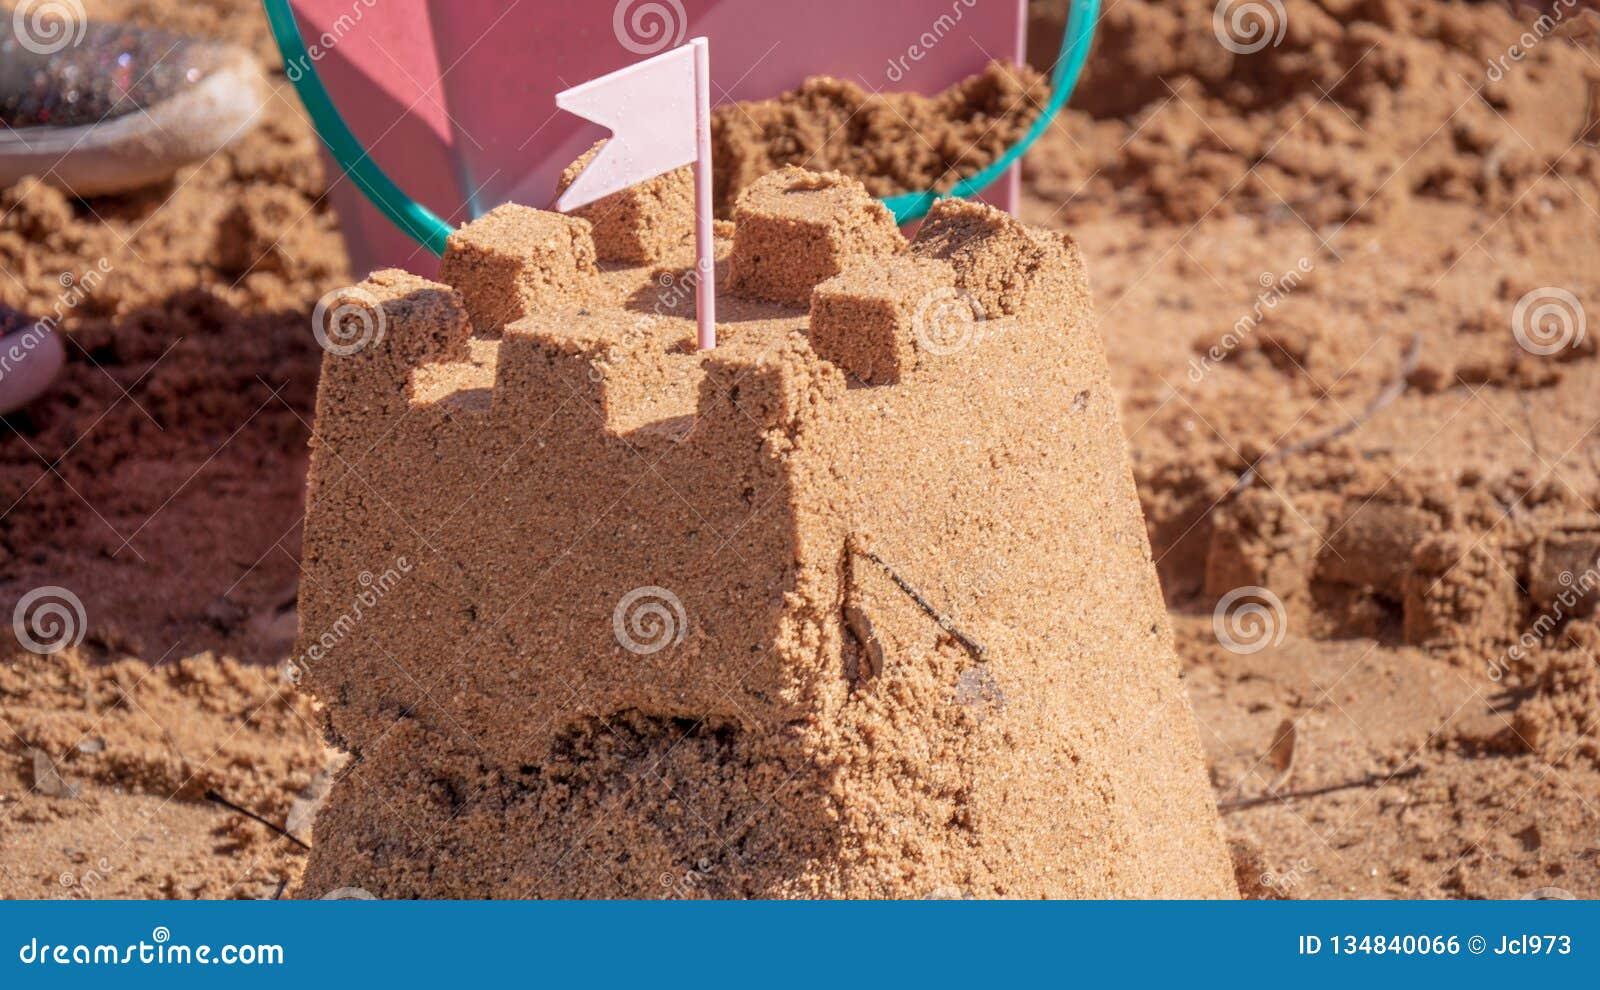 Zandkasteel door strandspeelgoed dat wordt omringd